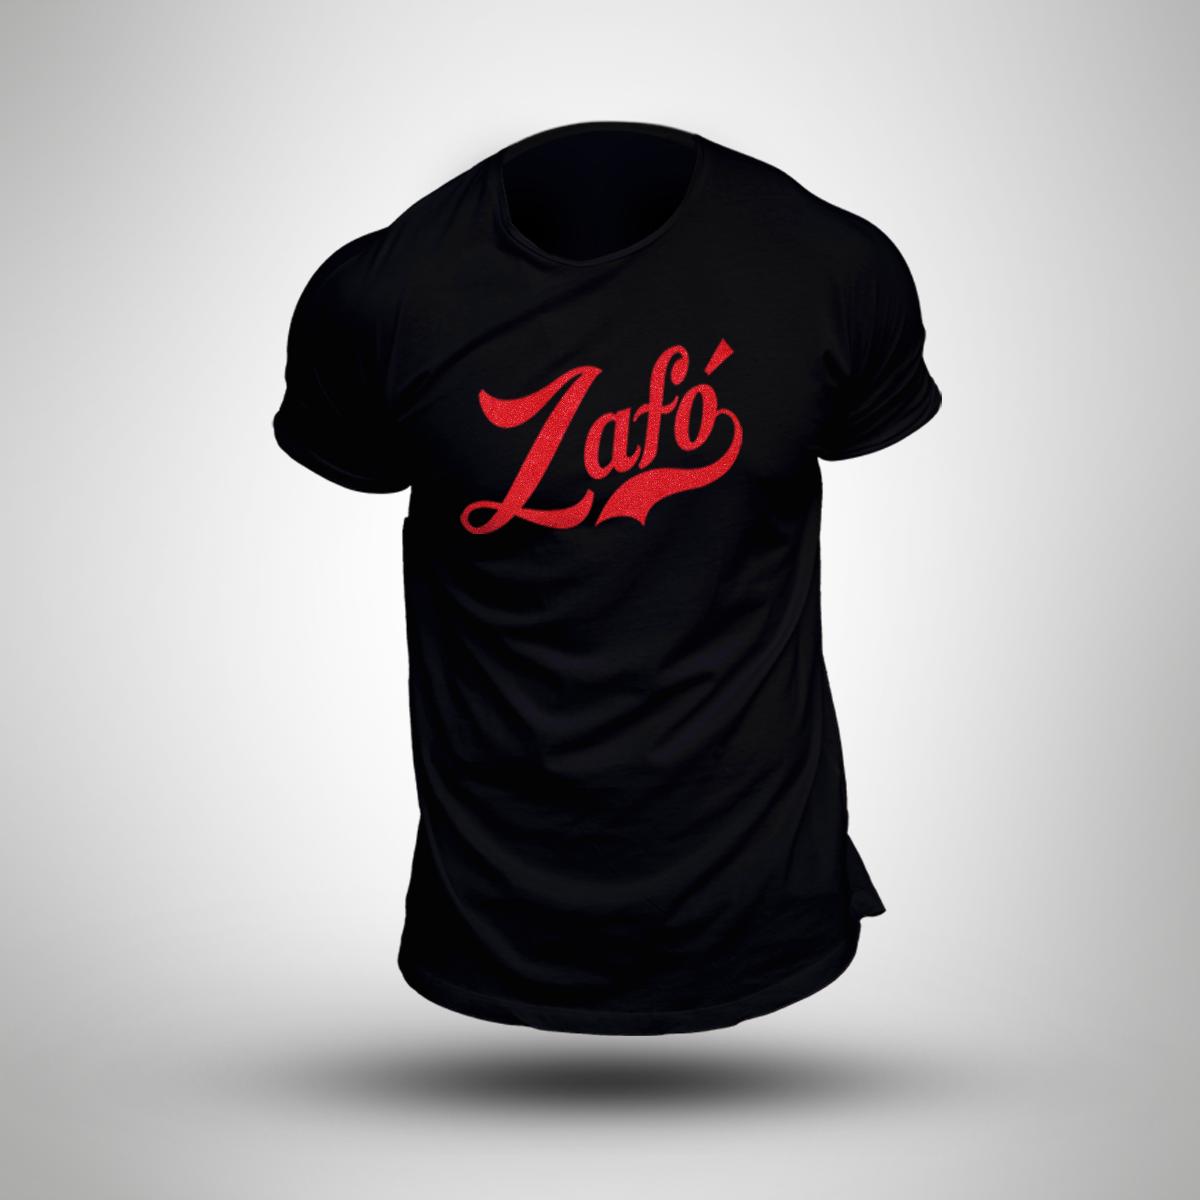 Zafo_Tshirt